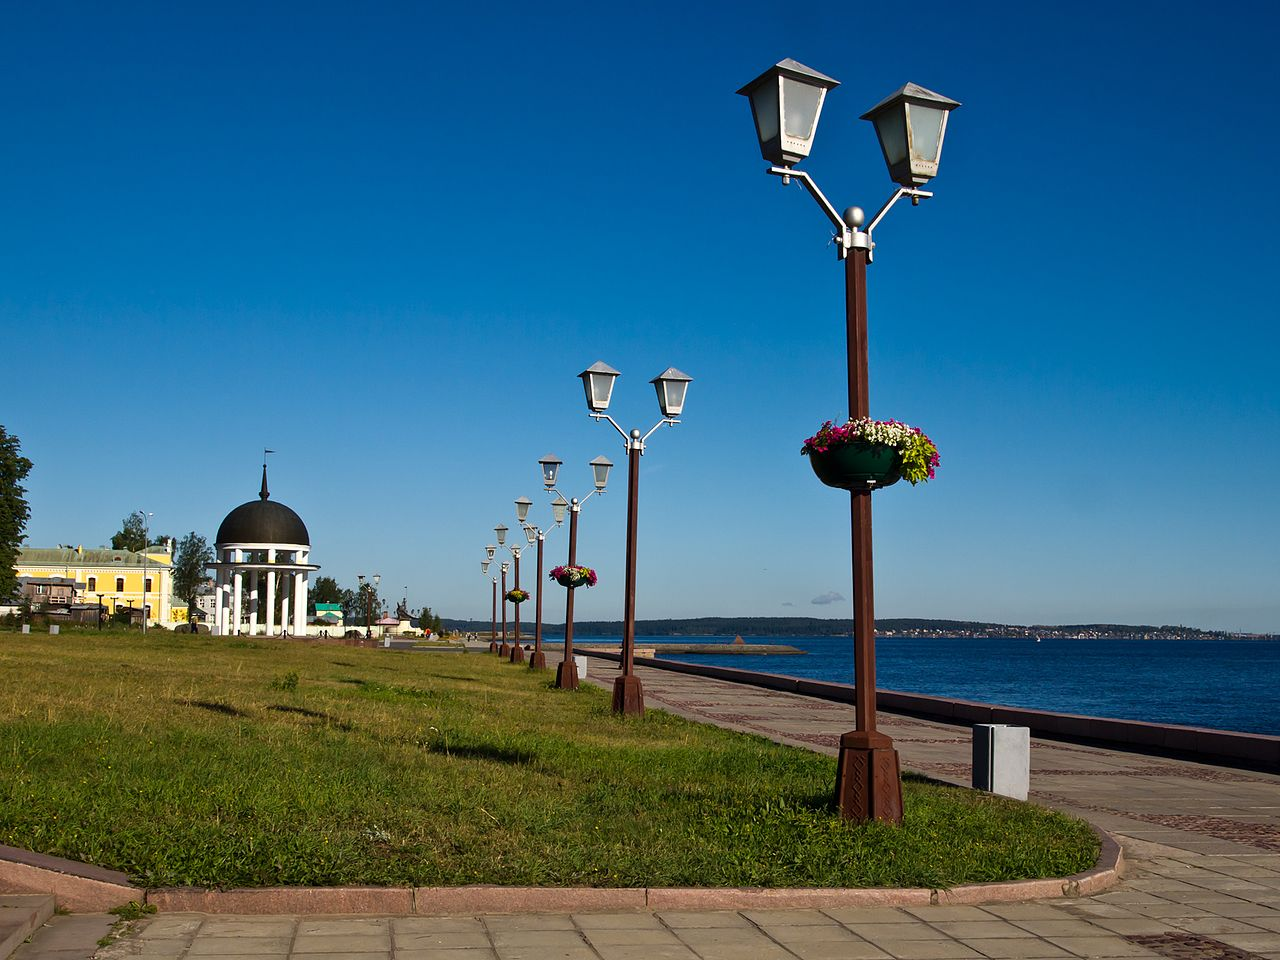 Онежская набережная (Советская площадь), Петрозаводск